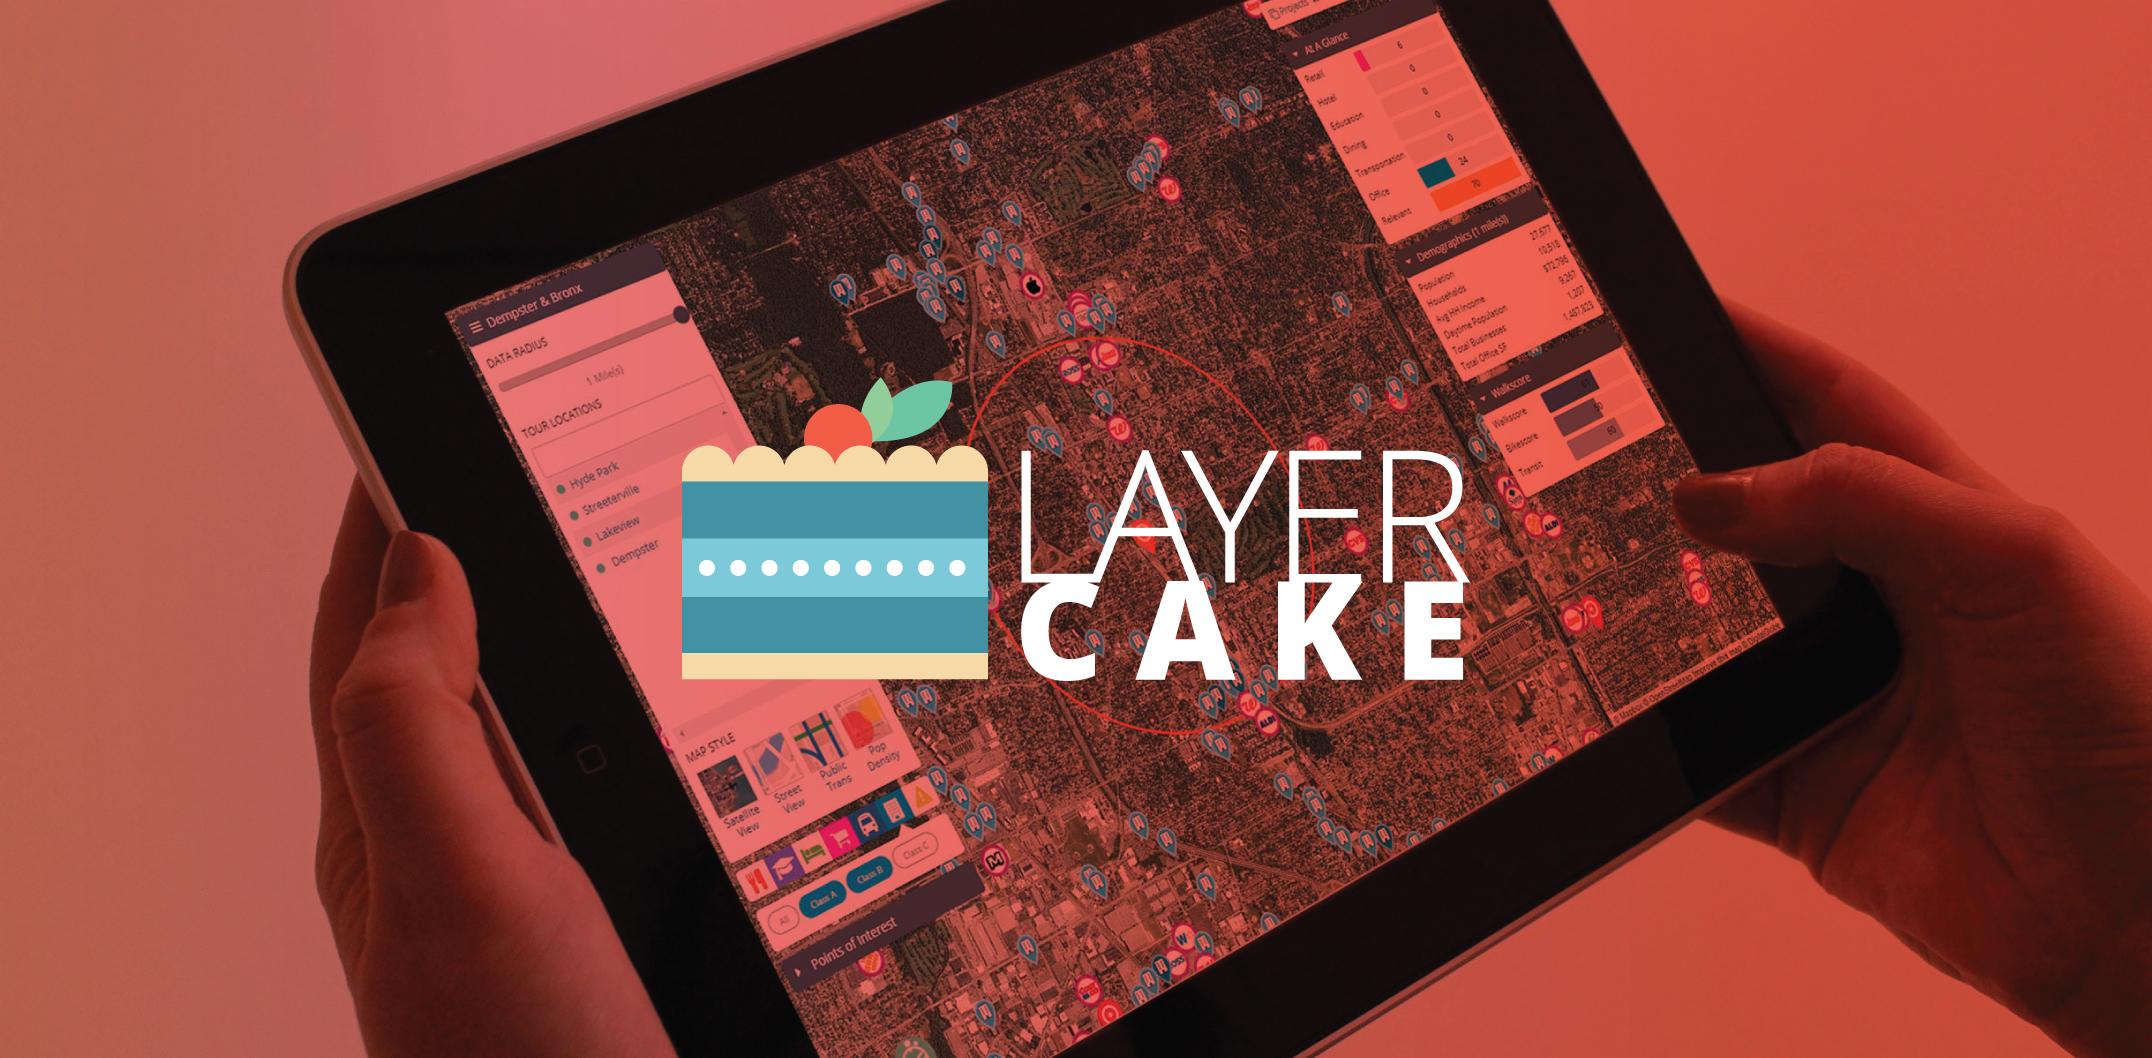 LayerCake_Case-study-logo-1.jpg